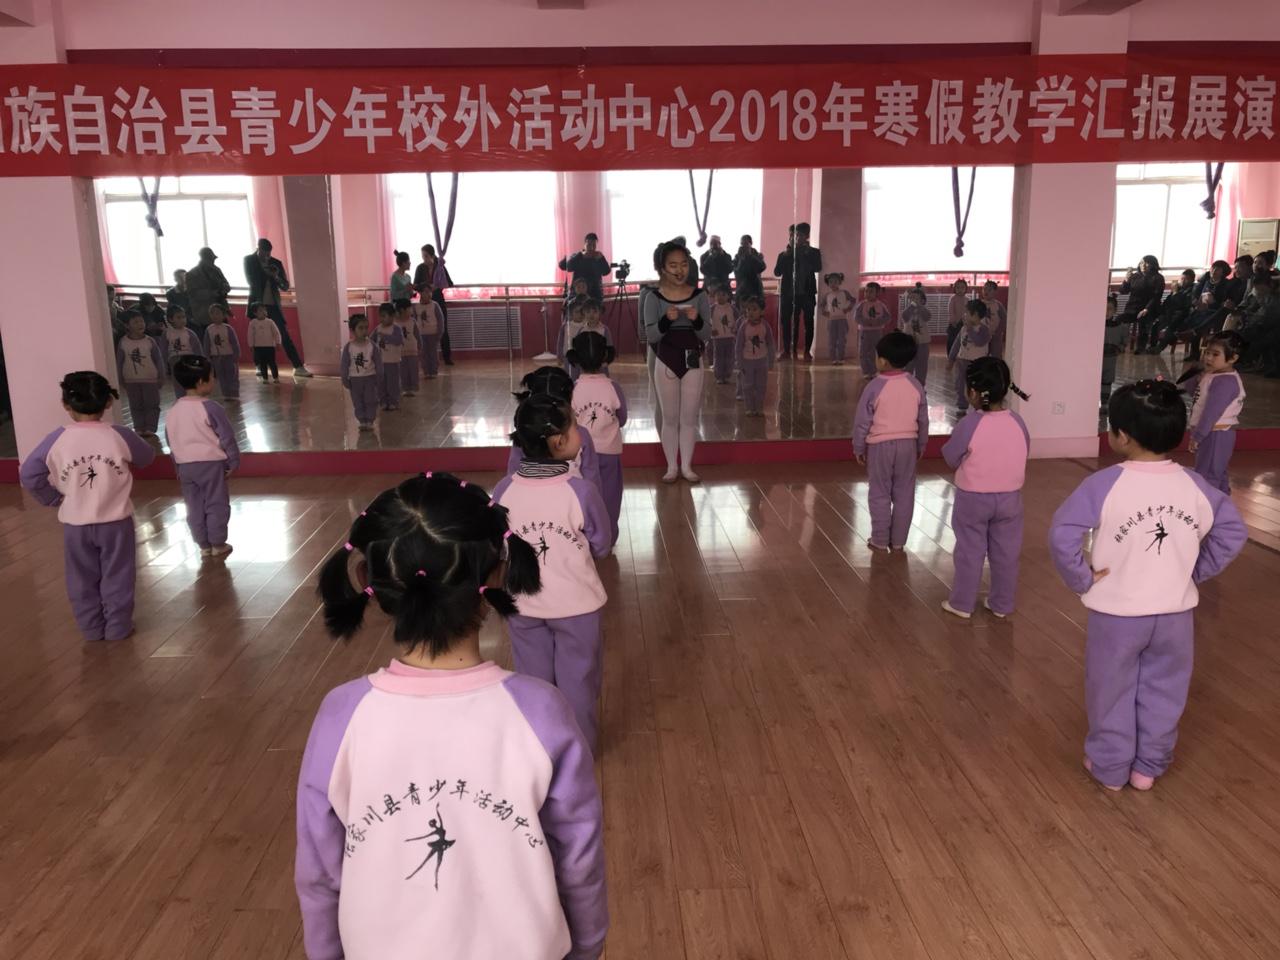 张家川舞蹈小明星这几天刷爆朋友圈